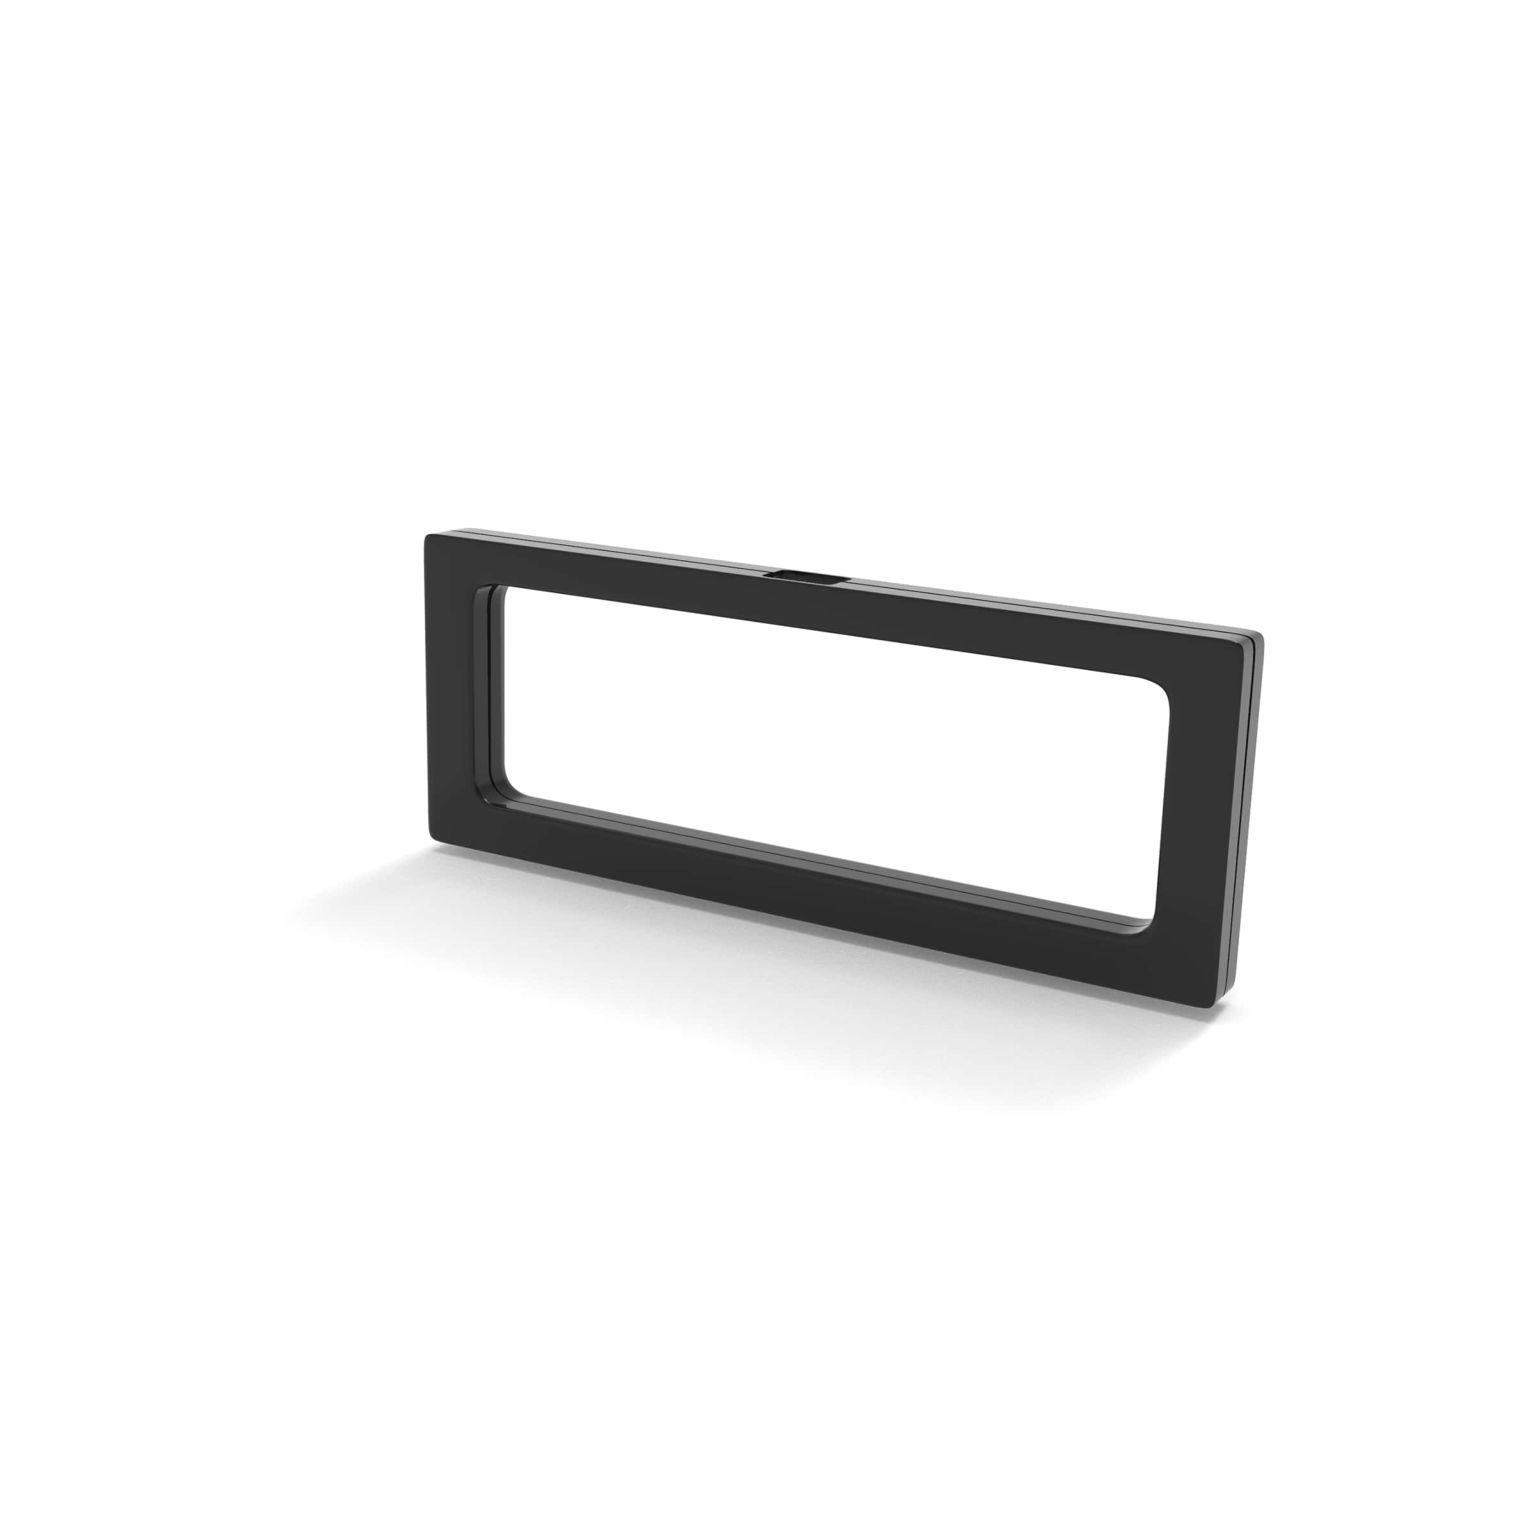 Gift Box Frame 23 x 9 x 2 cm Noir